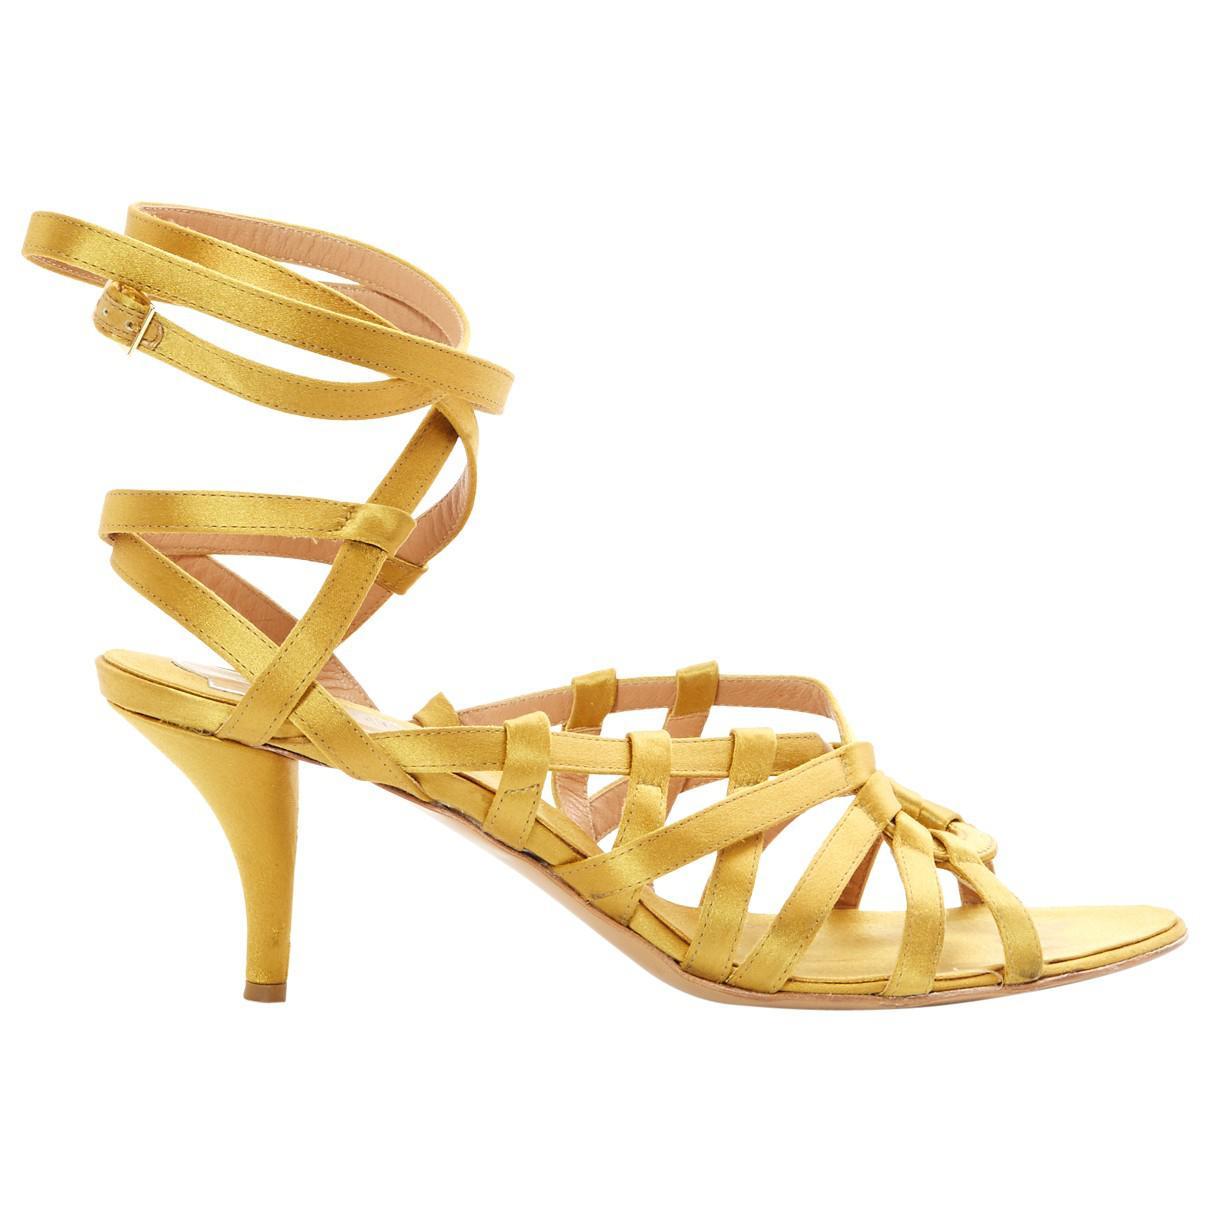 Pre-owned - Cloth sandals Roger Vivier r79FABdrjD